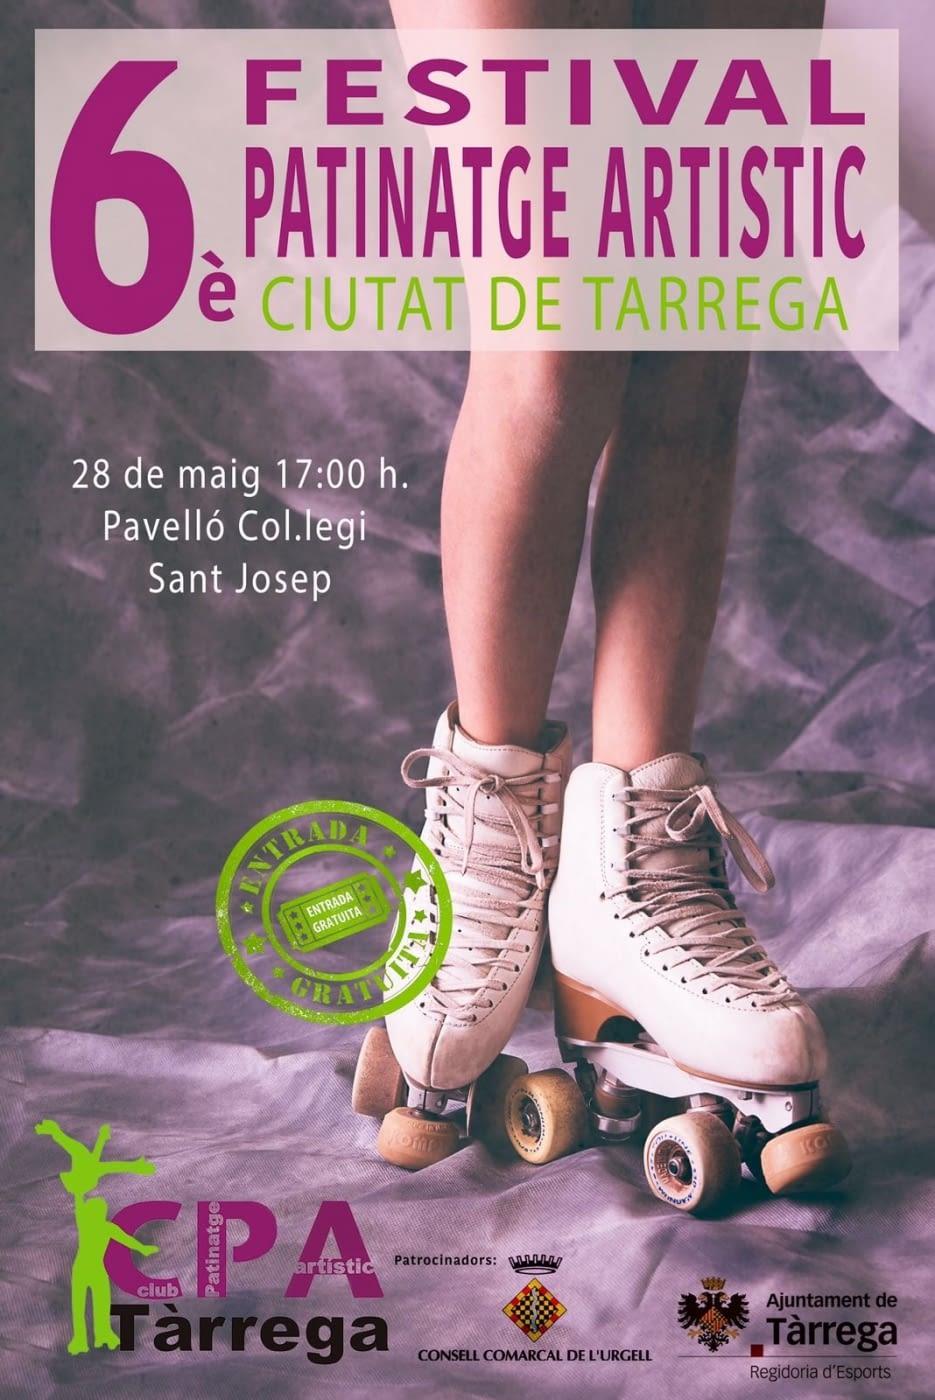 6è FESTIVAL DE PATINATGE ARTÍSTIC CIUTAT DE TÀRREGA